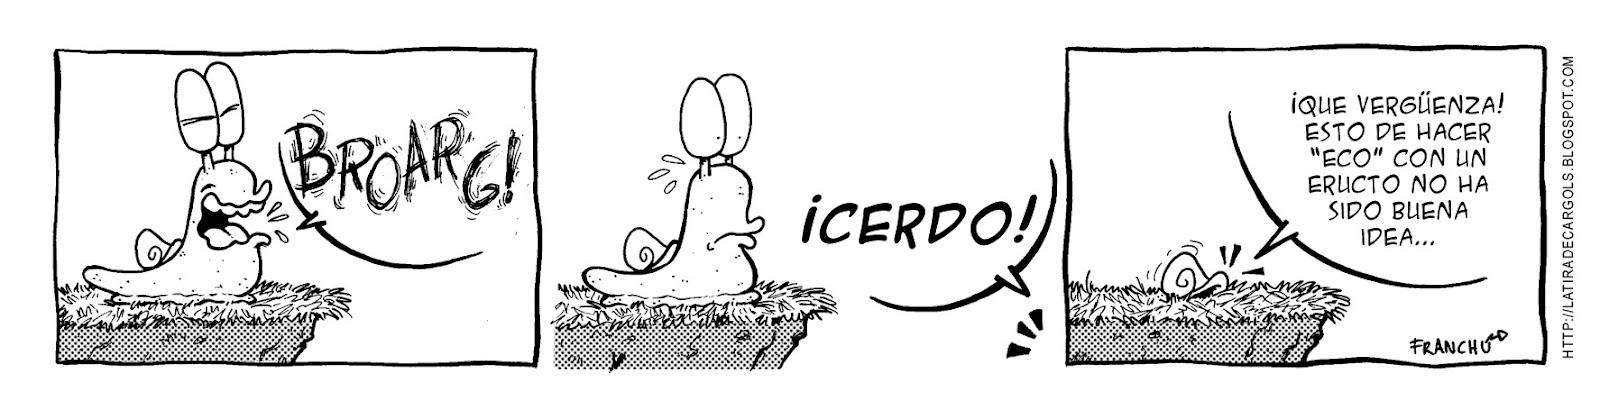 Tira comica 121 del webcomic Cargols del dibujante Franchu